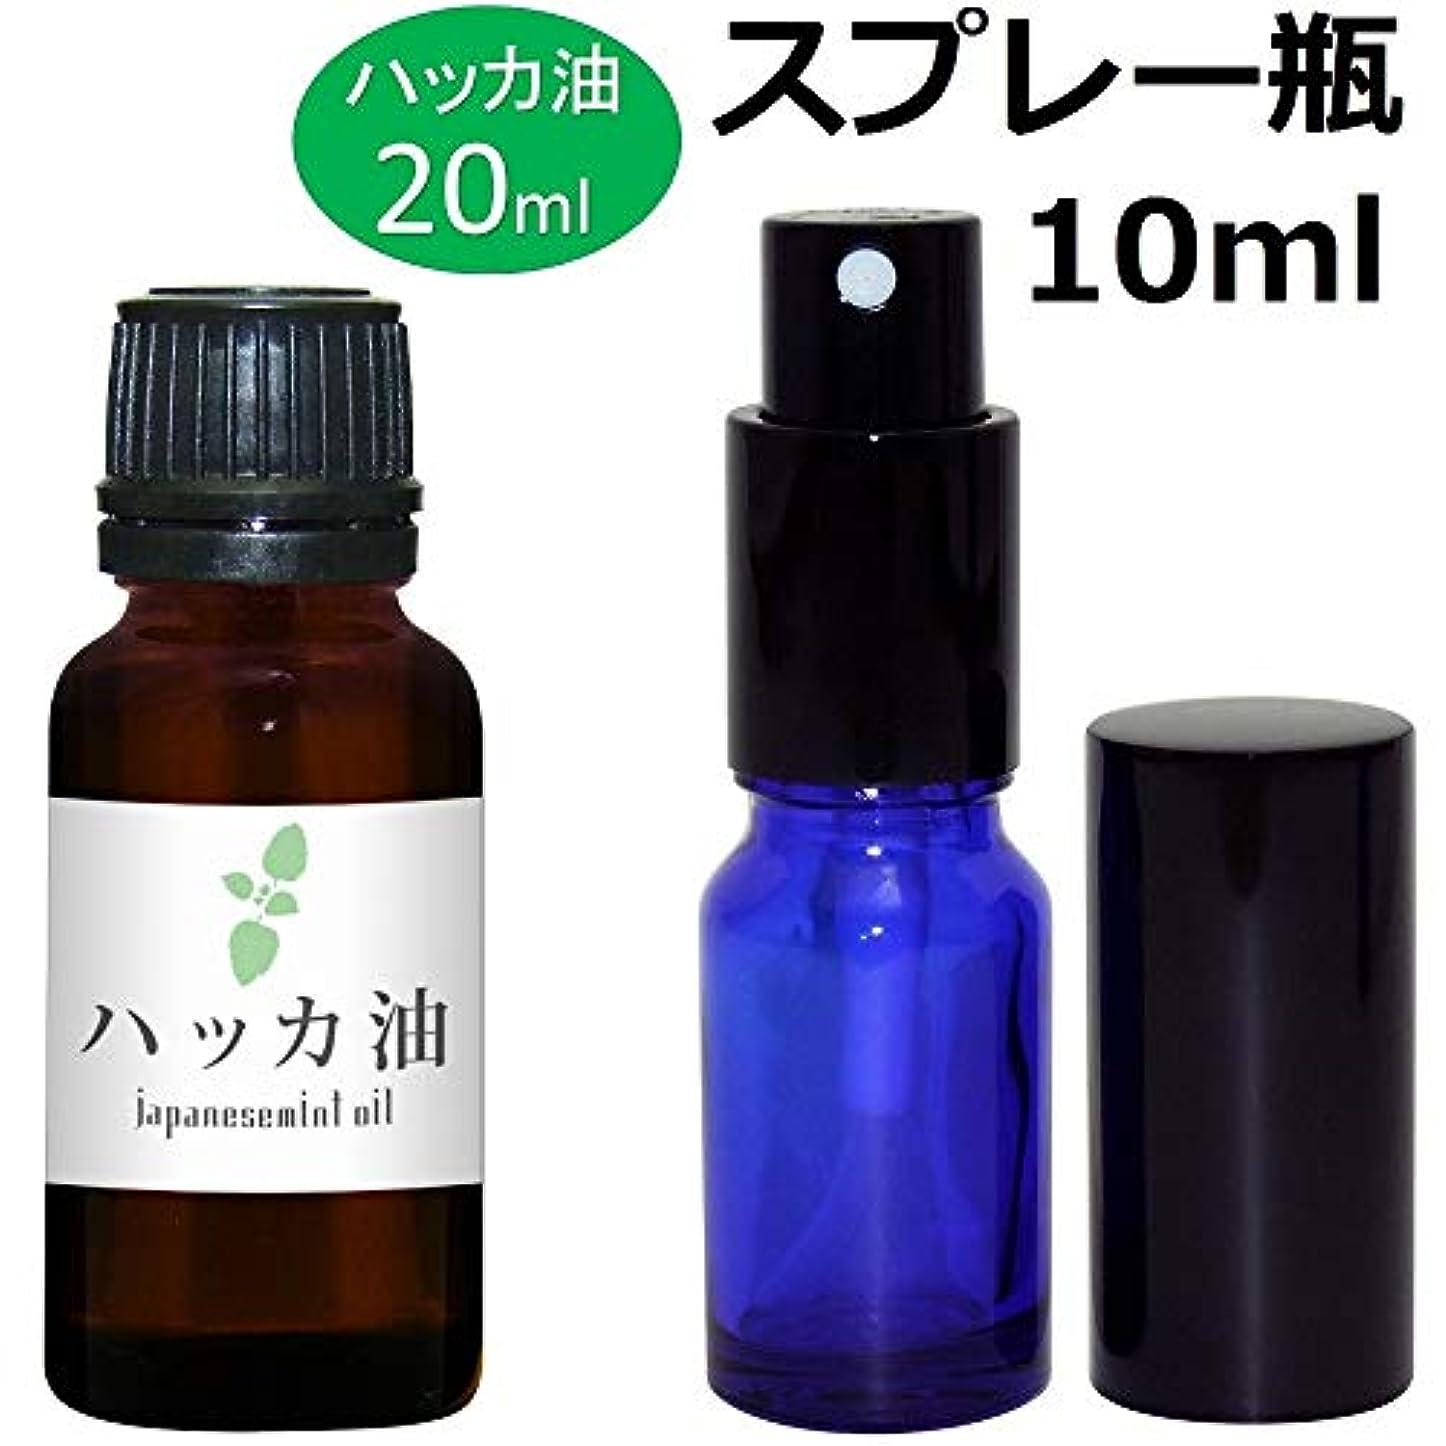 囲い弁護士固執ガレージ?ゼロ ハッカ油 20ml(GZAK12)+ガラス瓶 スプレーボトル10ml/和種薄荷/ジャパニーズミント GSE533